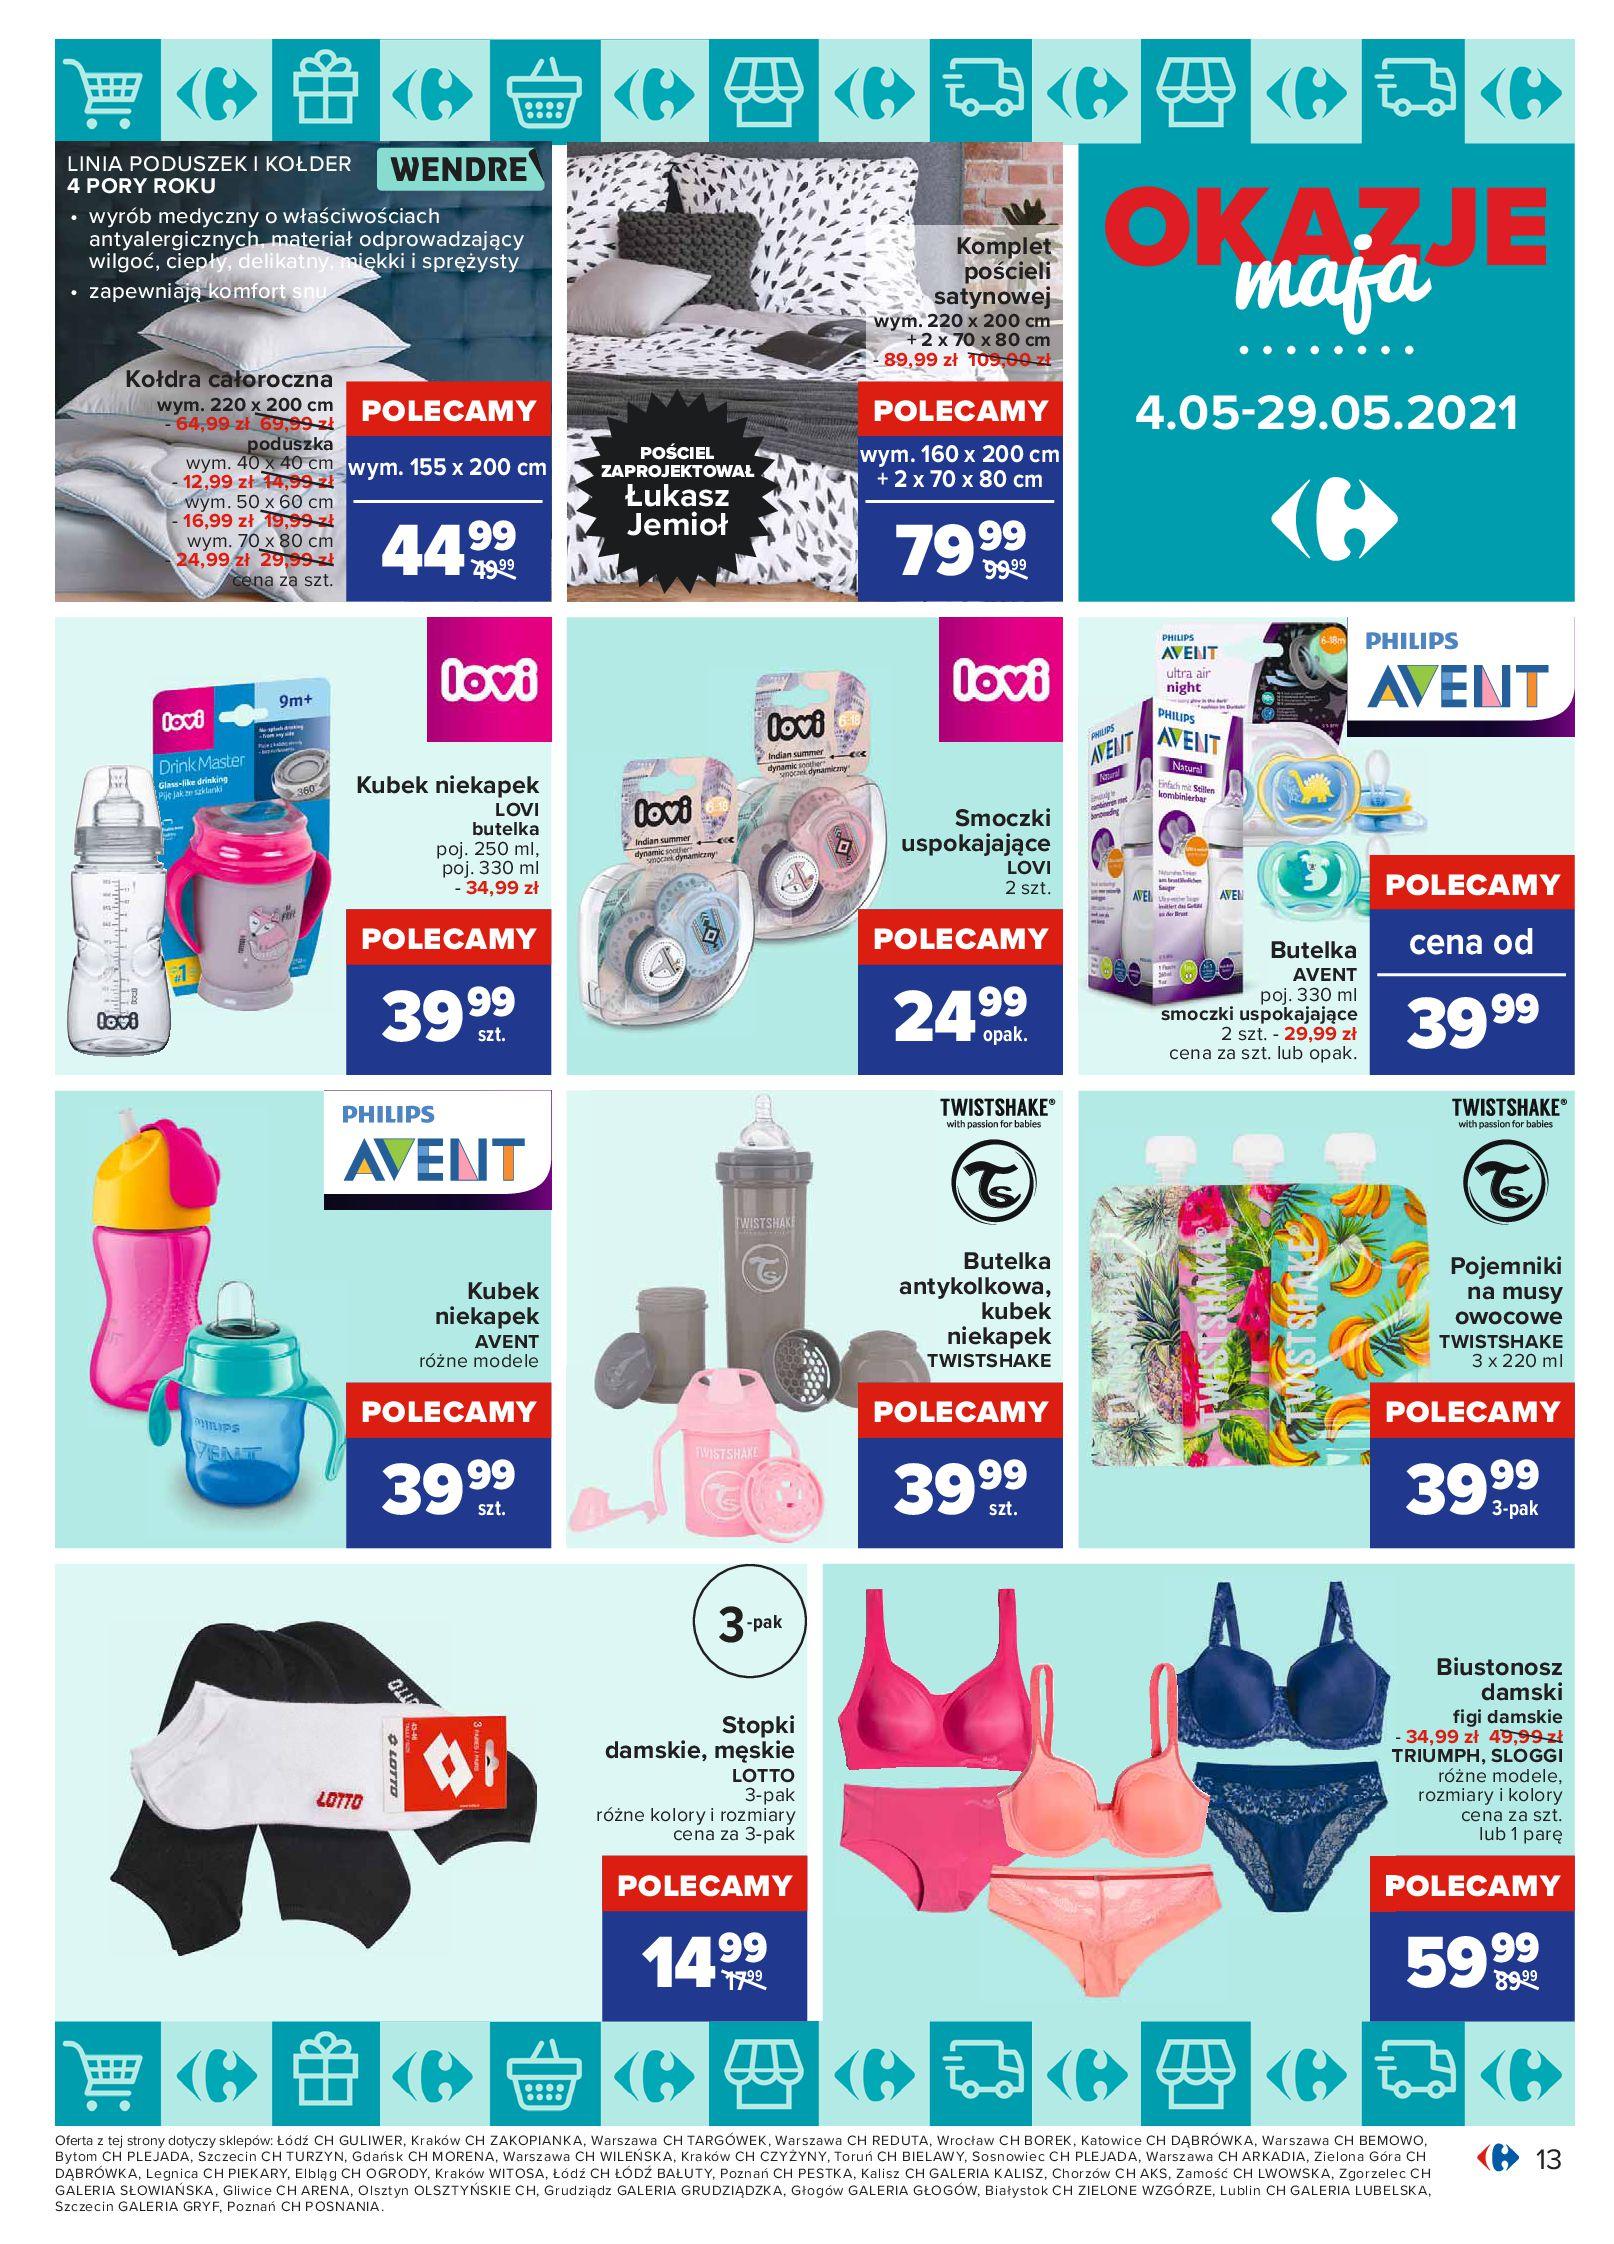 Gazetka Carrefour: Okazje maja 2021-05-04 page-13